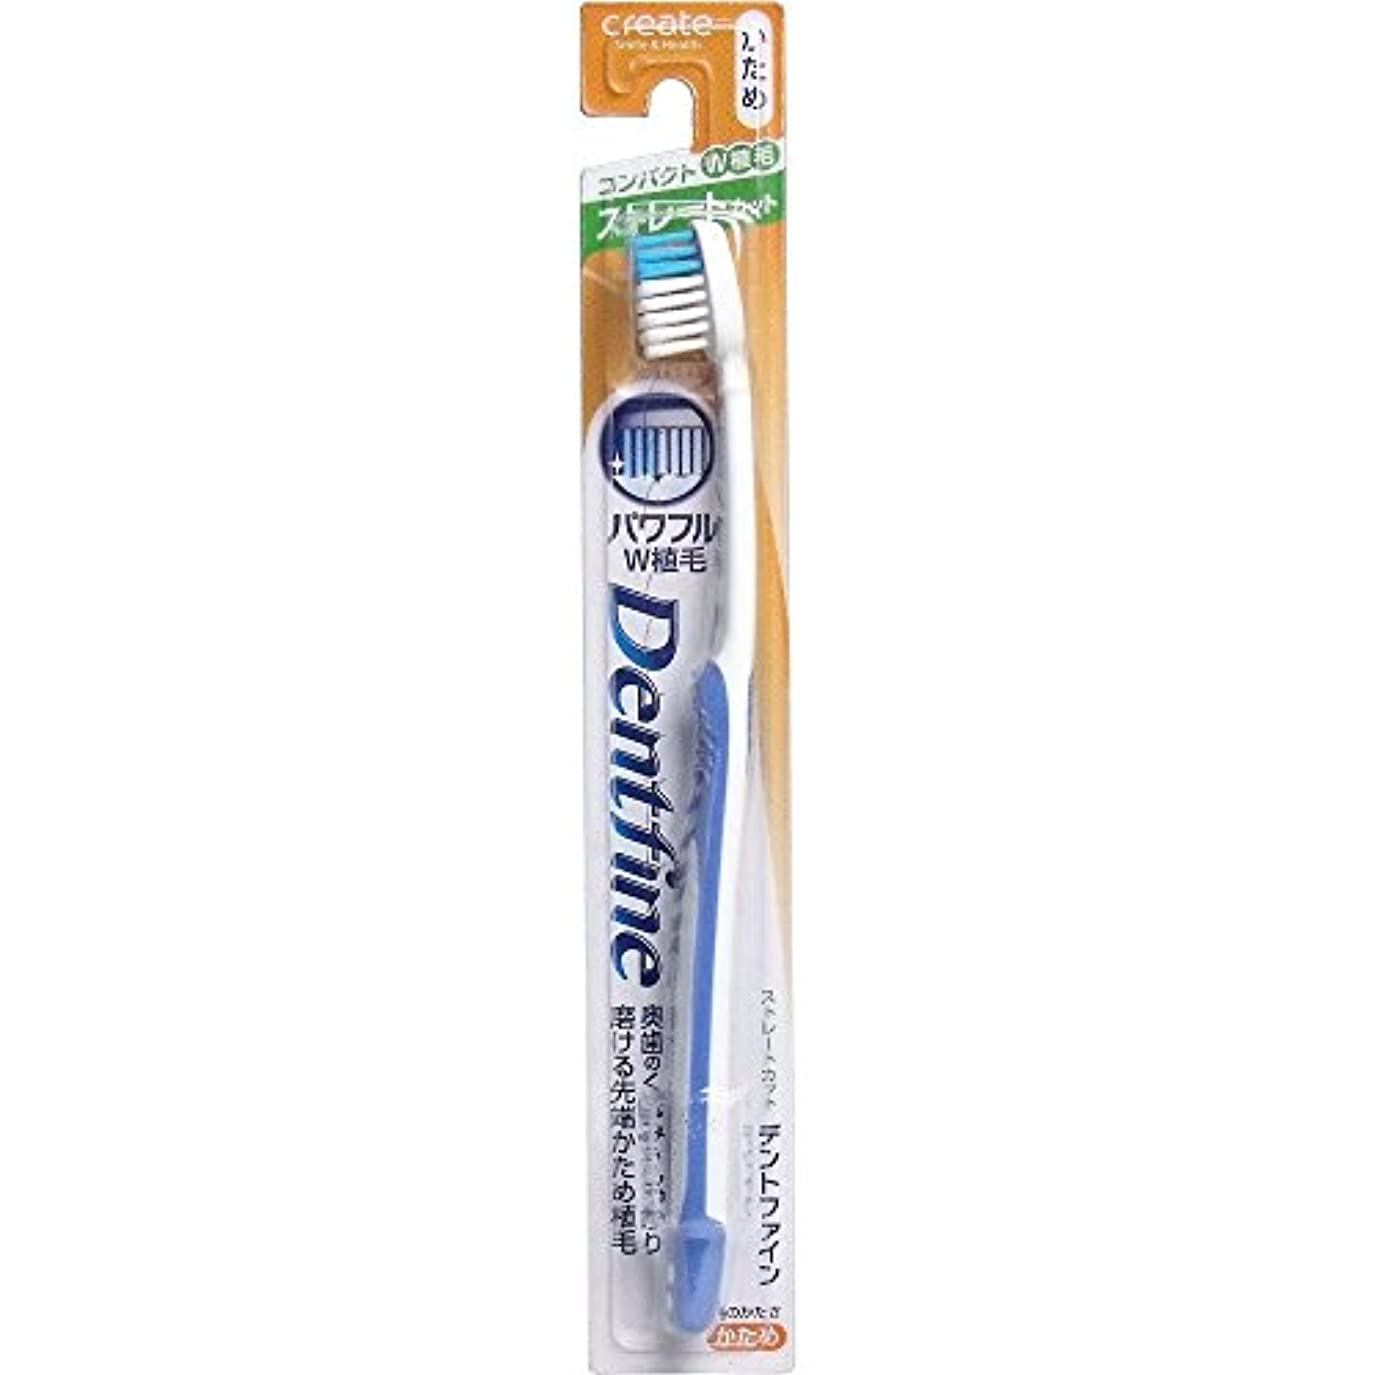 等しい連邦軸デントファイン ラバーグリップ ストレートカット 歯ブラシ かため 1本:ブルー